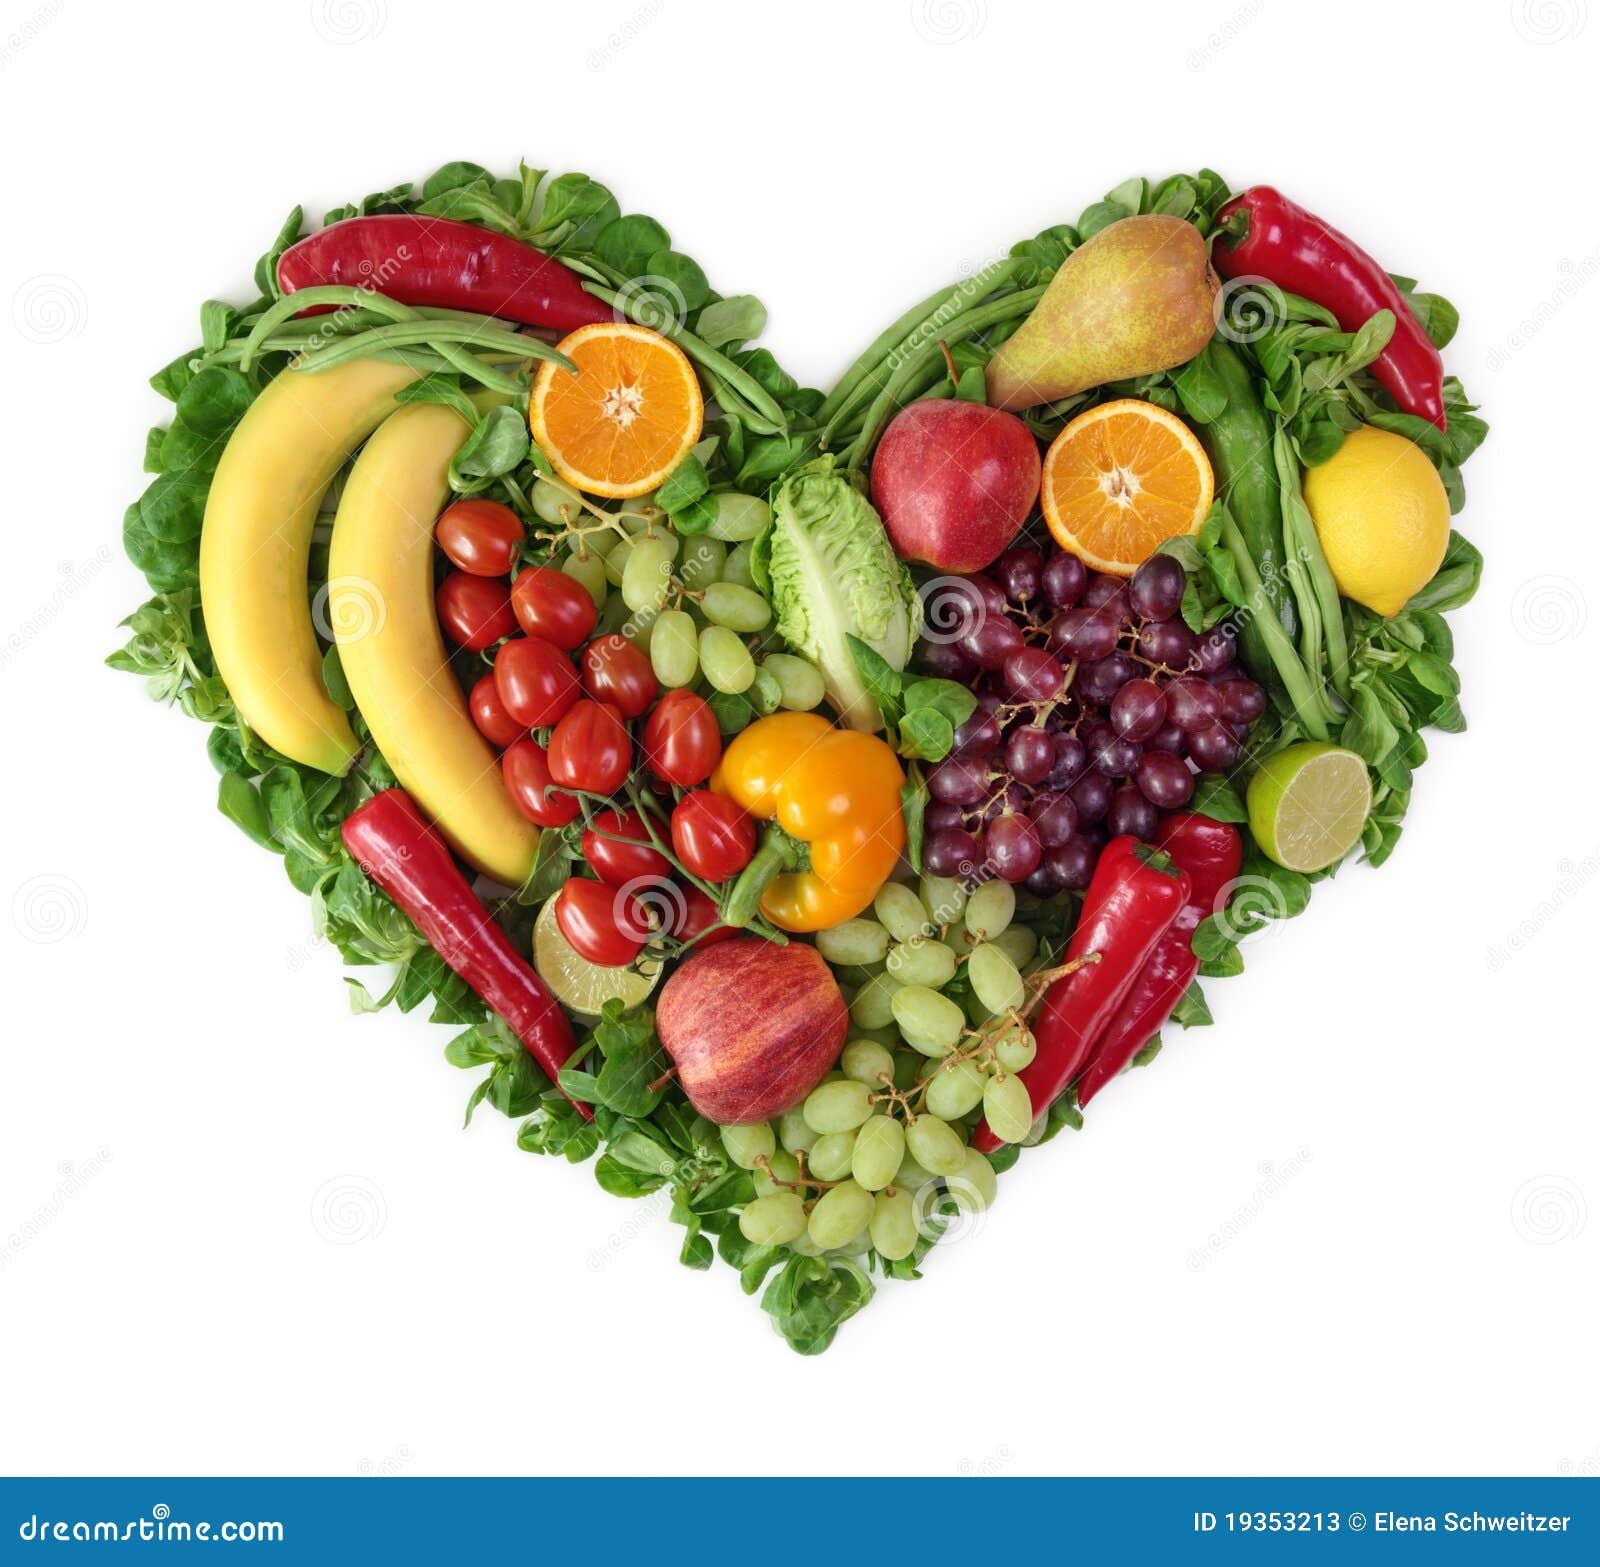 corazn de frutas y verdura fotos de archivo